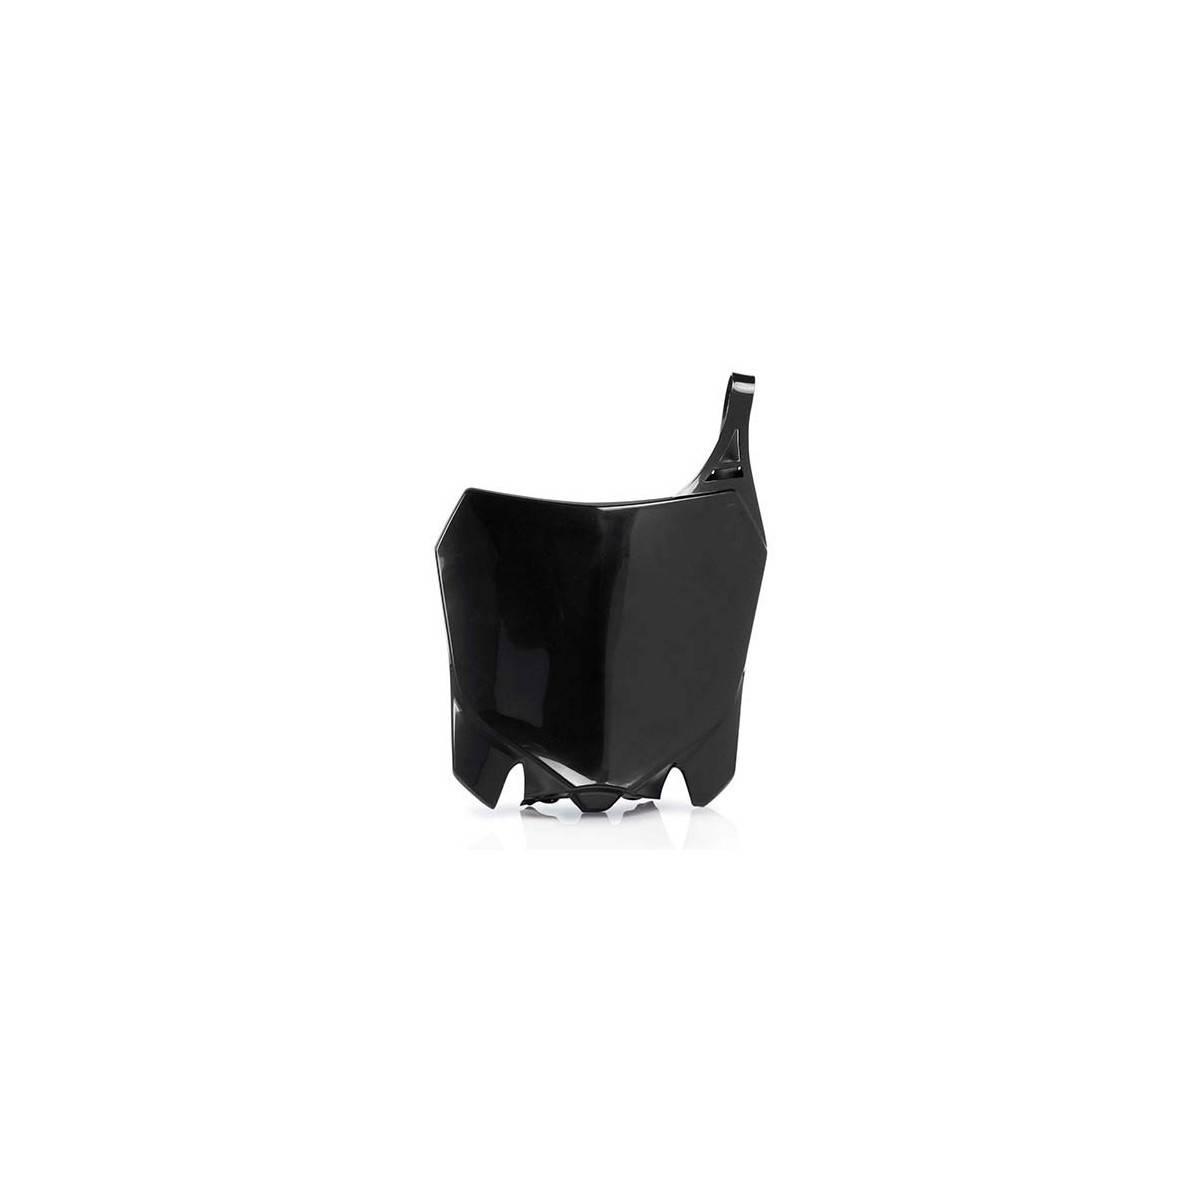 0016889-090 - Porta Numeros Crf 250 R 14 17´ Crf 450R 13 16 Negro